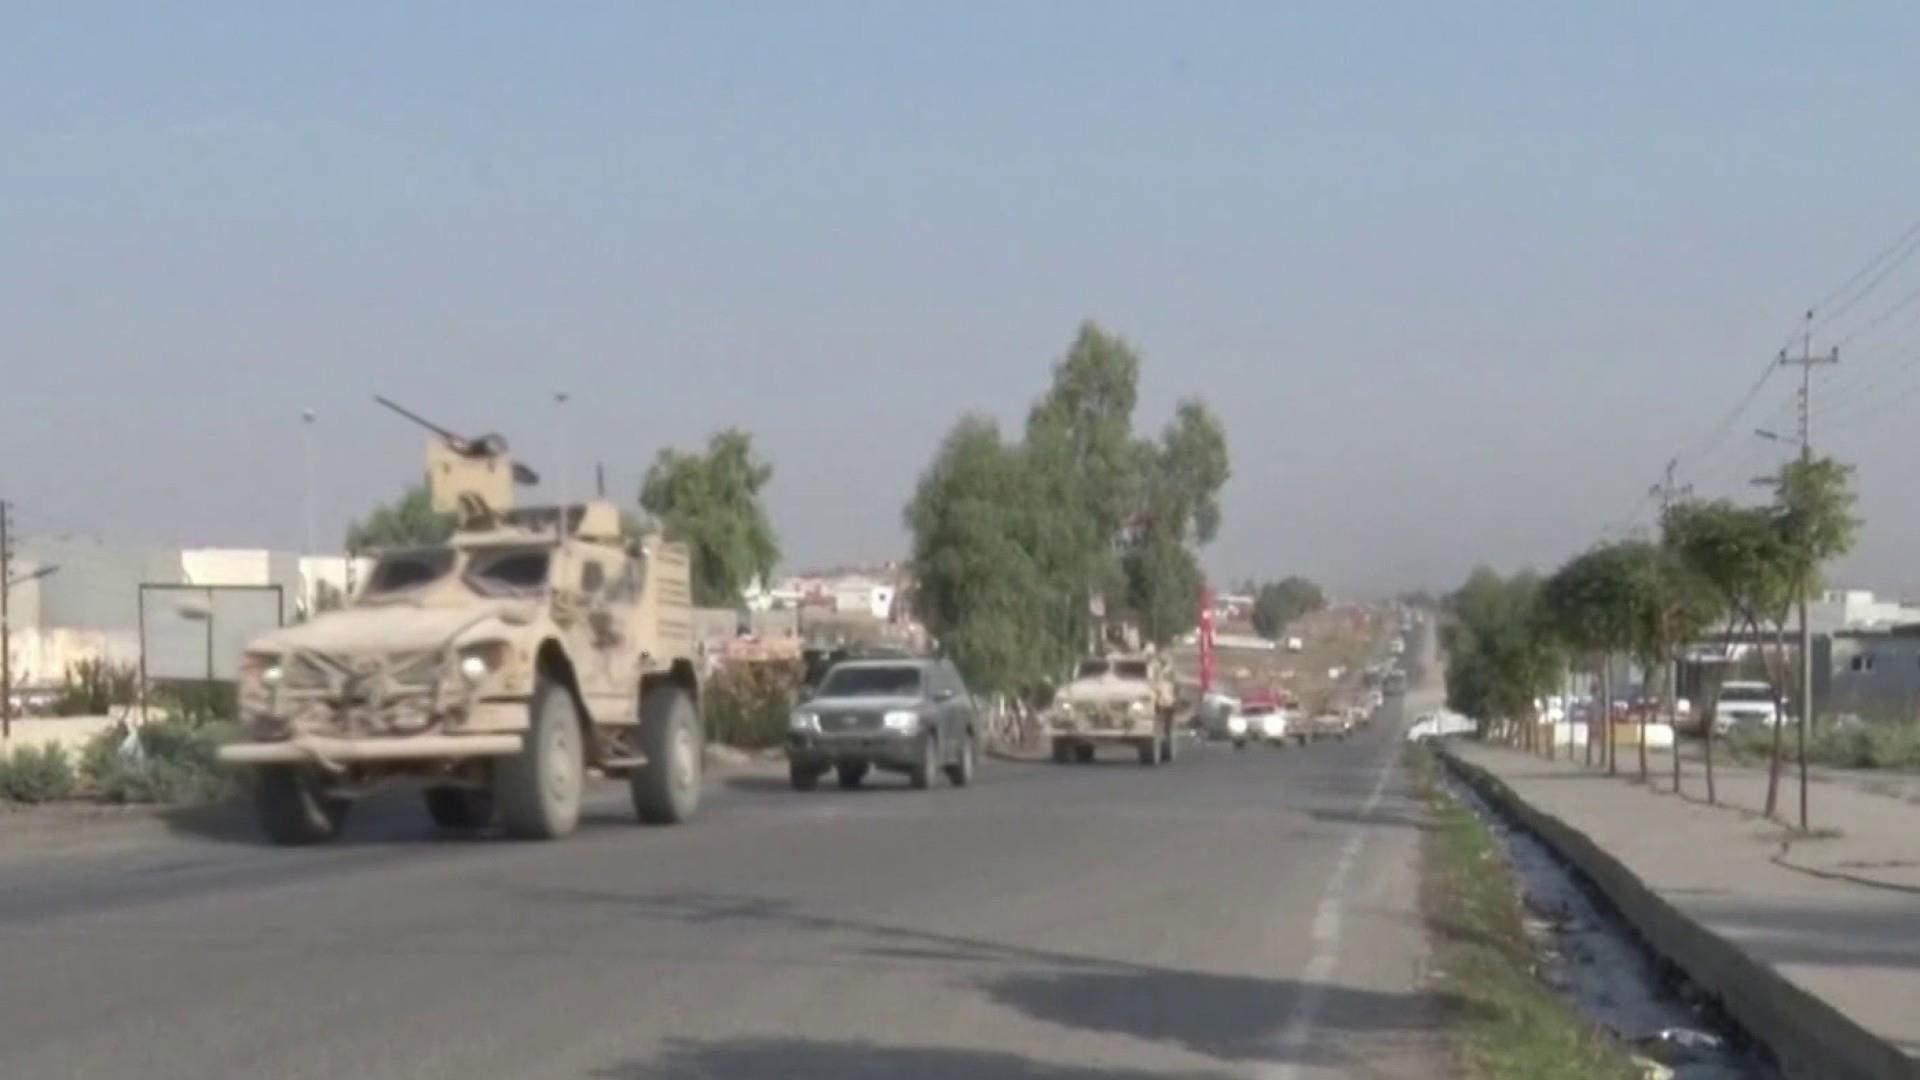 U.S. troops begin leaving Syrian border area